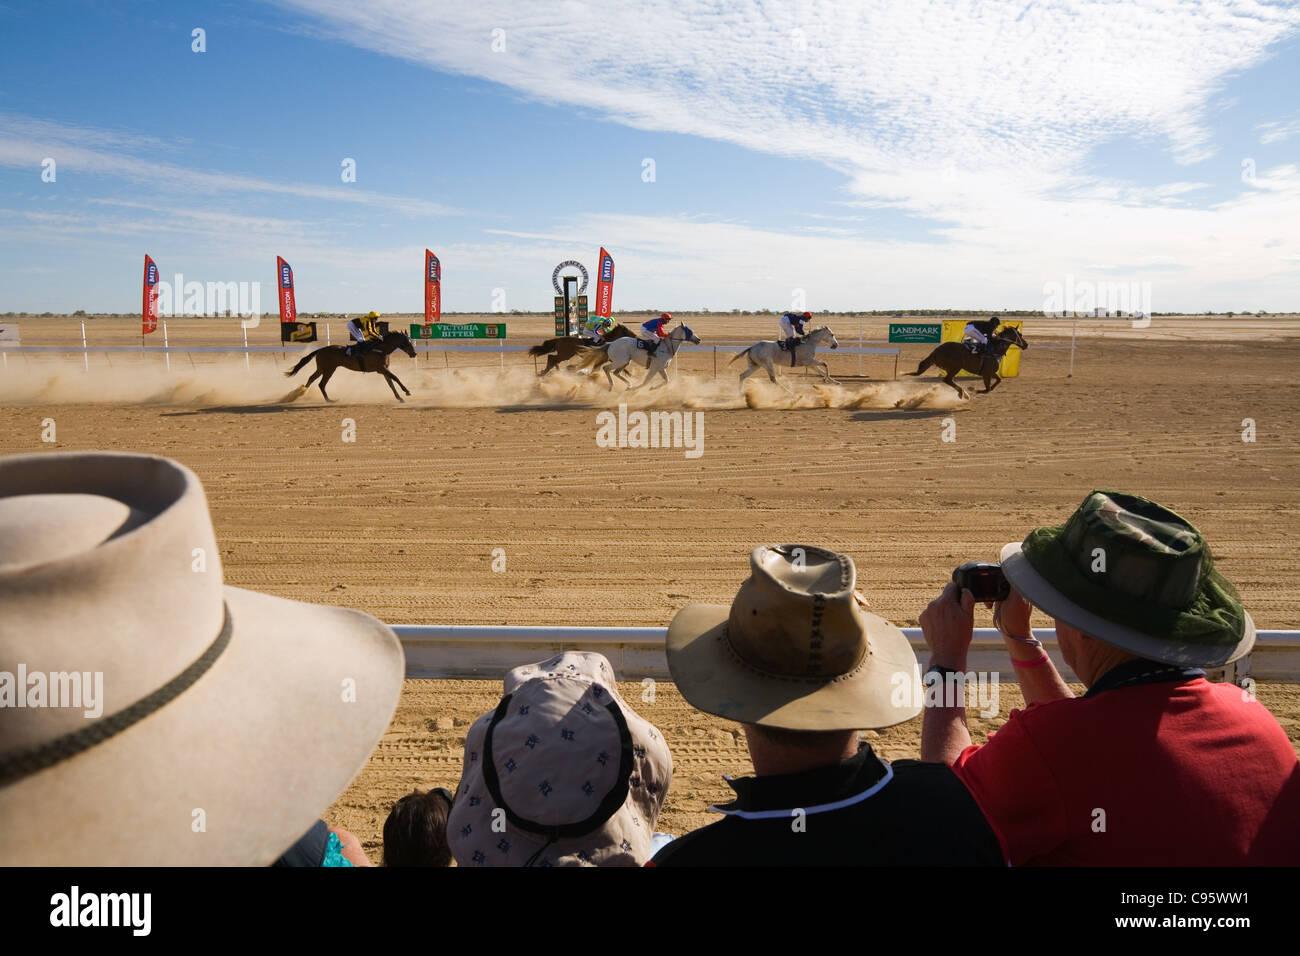 La folla guarda il Birdsville annuale Cup corse di cavalli. Birdsville, Queensland, Australia Immagini Stock